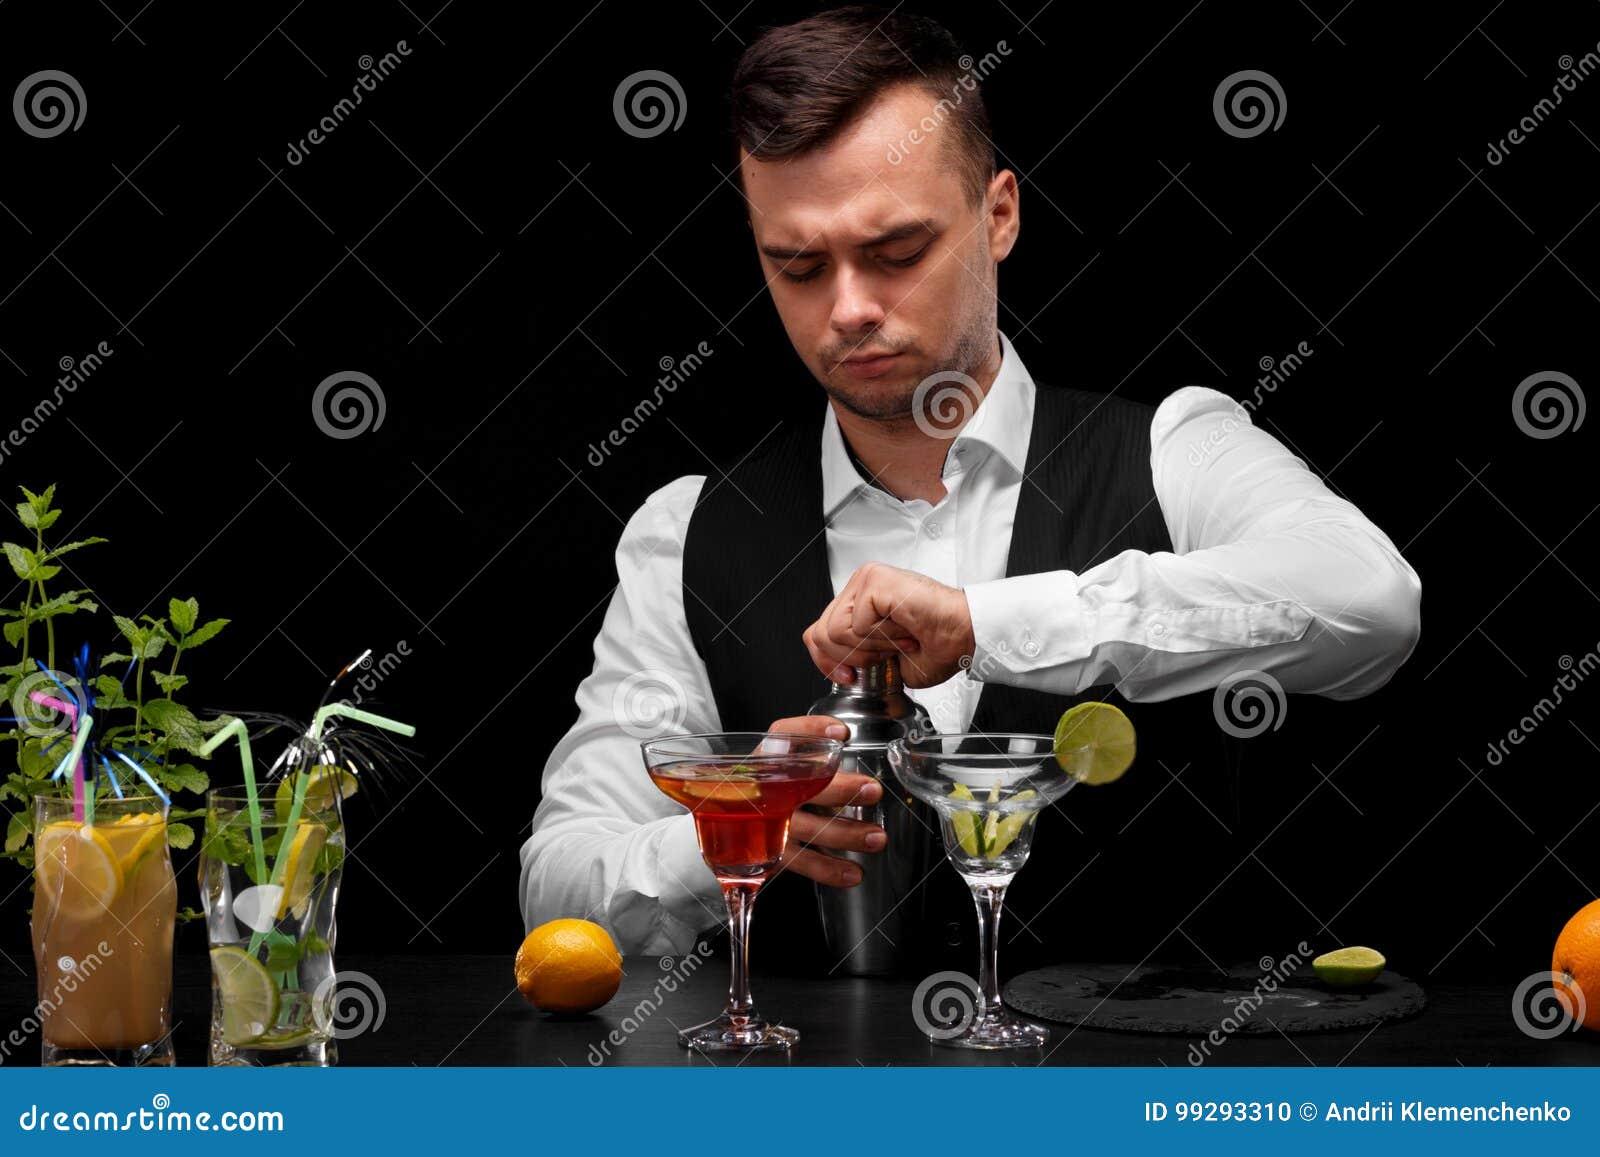 Um barman abre um abanador, um contador com vidros do margarita, limão da barra, cal, cocktail em um fundo preto